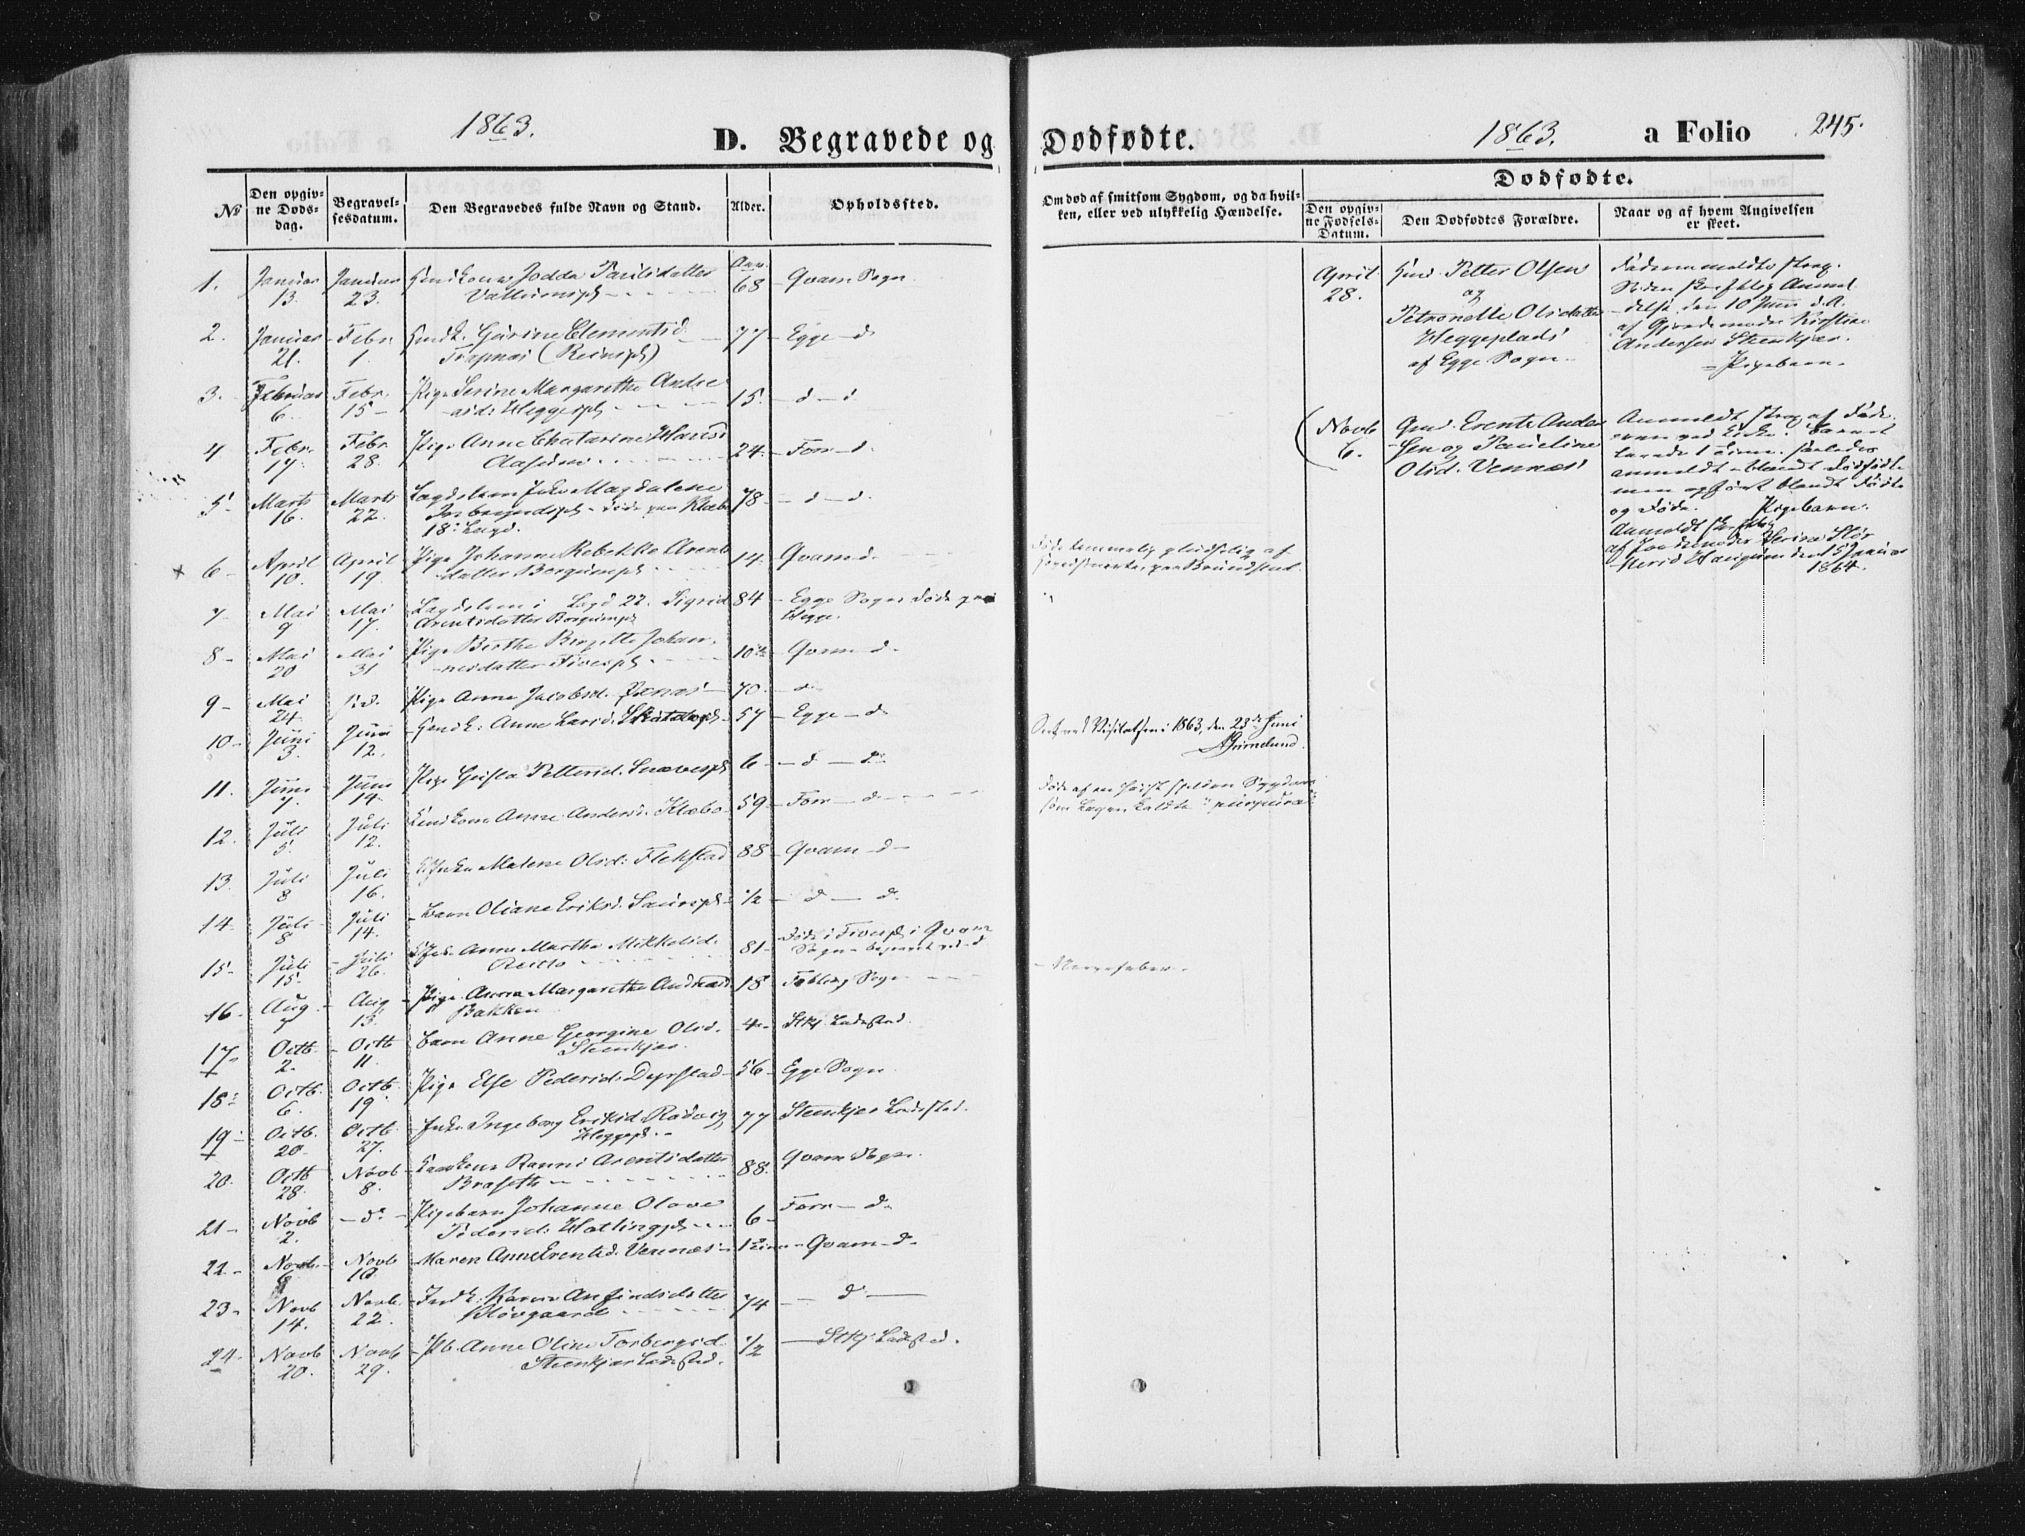 SAT, Ministerialprotokoller, klokkerbøker og fødselsregistre - Nord-Trøndelag, 746/L0447: Ministerialbok nr. 746A06, 1860-1877, s. 245